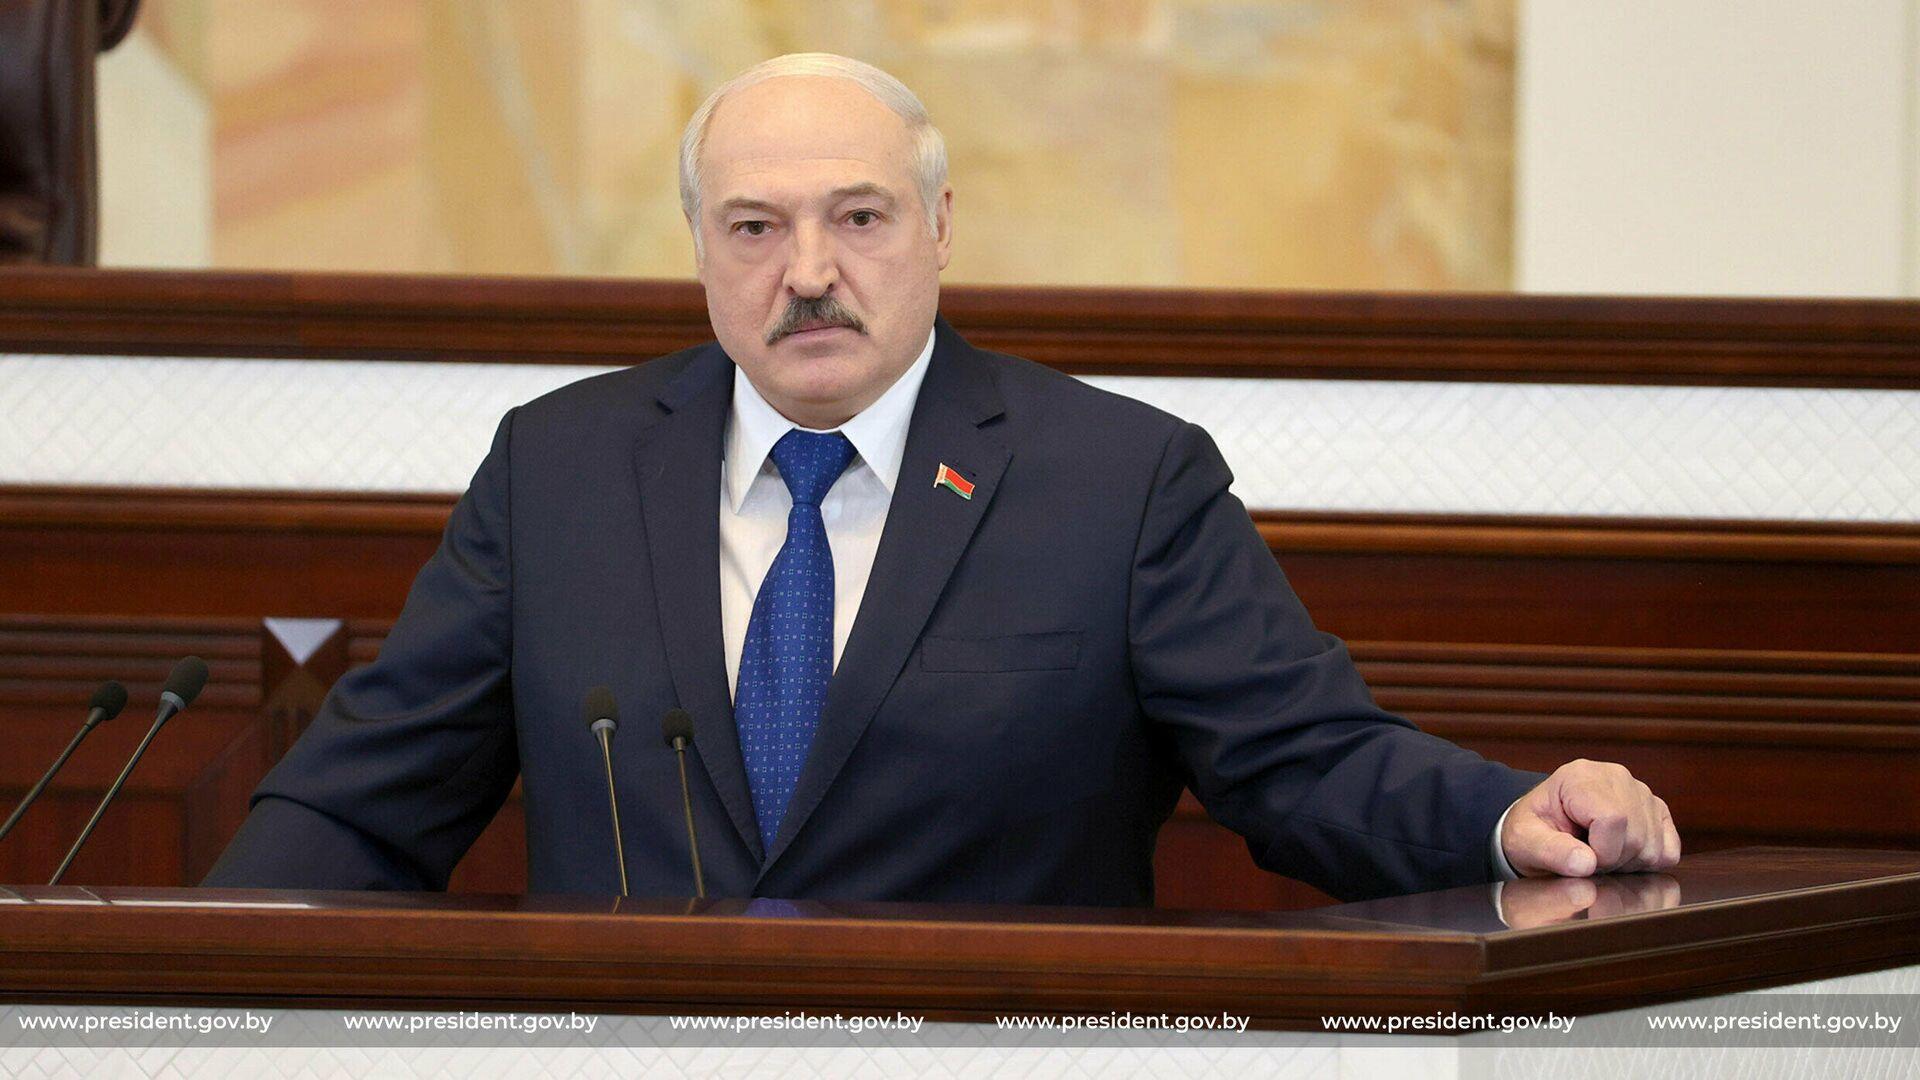 Президент Белоруссии Александр Лукашенко во время выступления в парламенте - РИА Новости, 1920, 28.05.2021